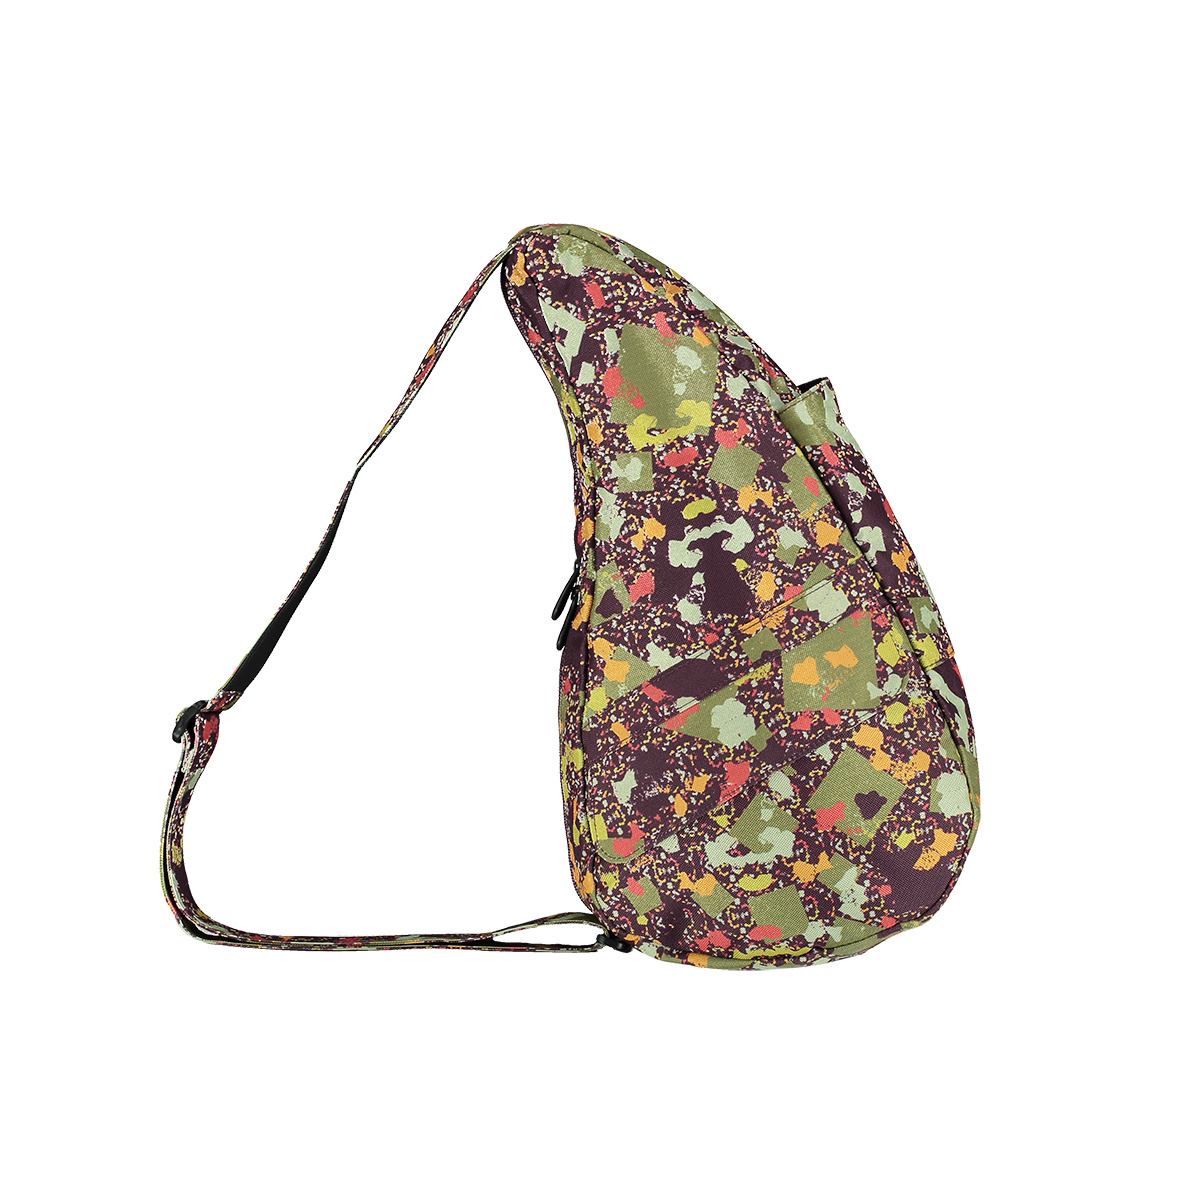 Healthy Back Bag/ヘルシーバックバッグ/ショルダーバッグ/ボディバッグ/旅行バッグ/軽量/レディース/メンズ 公式ストア ヘルシーバックバッグ プリント Sサイズ ヌートピア